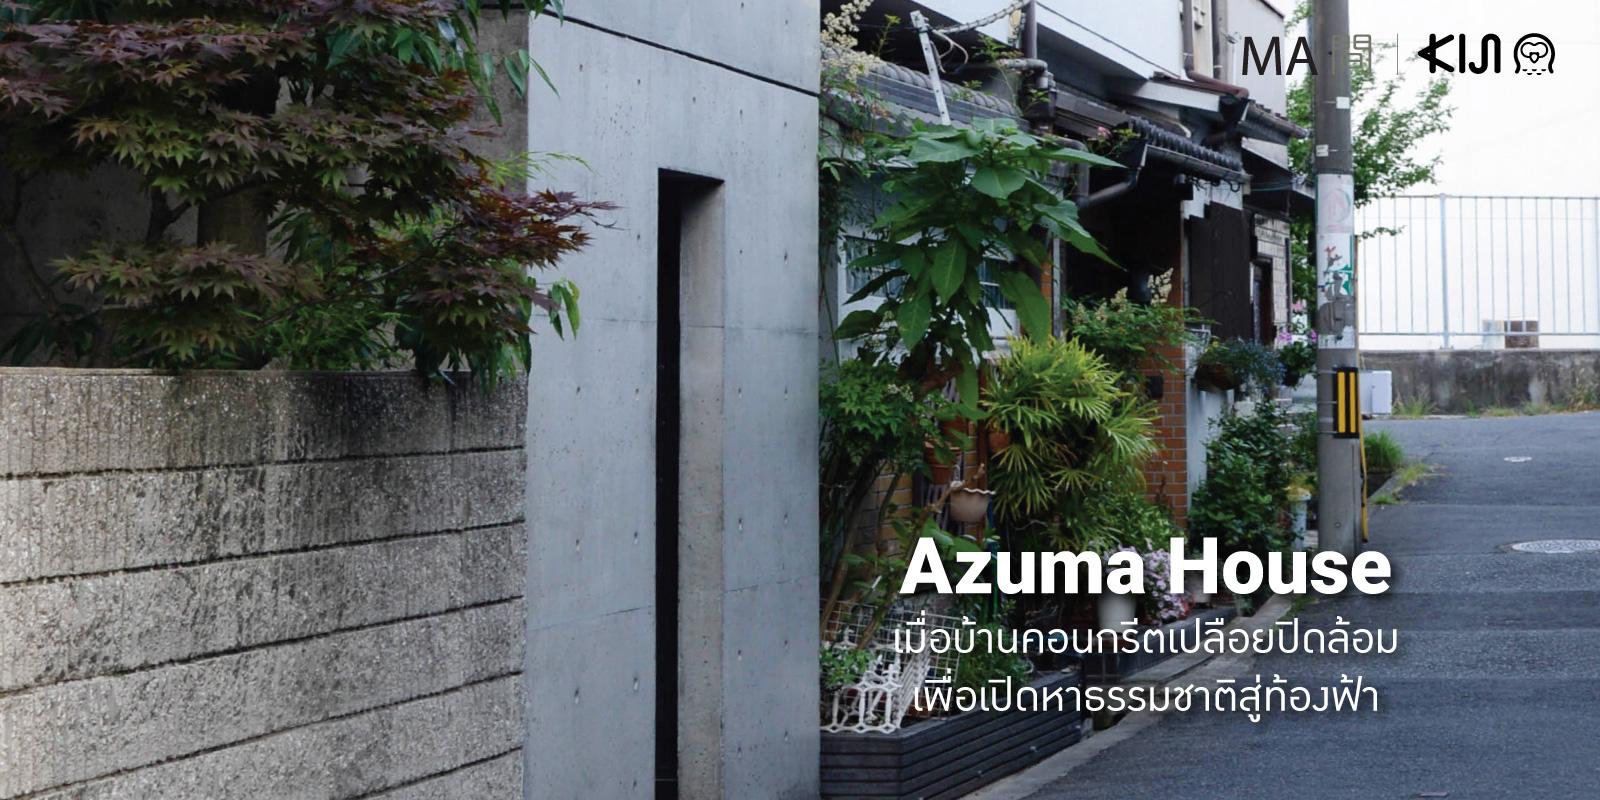 Azuma House สถาปัตยกรรมในโอซาก้าในยุค 70's